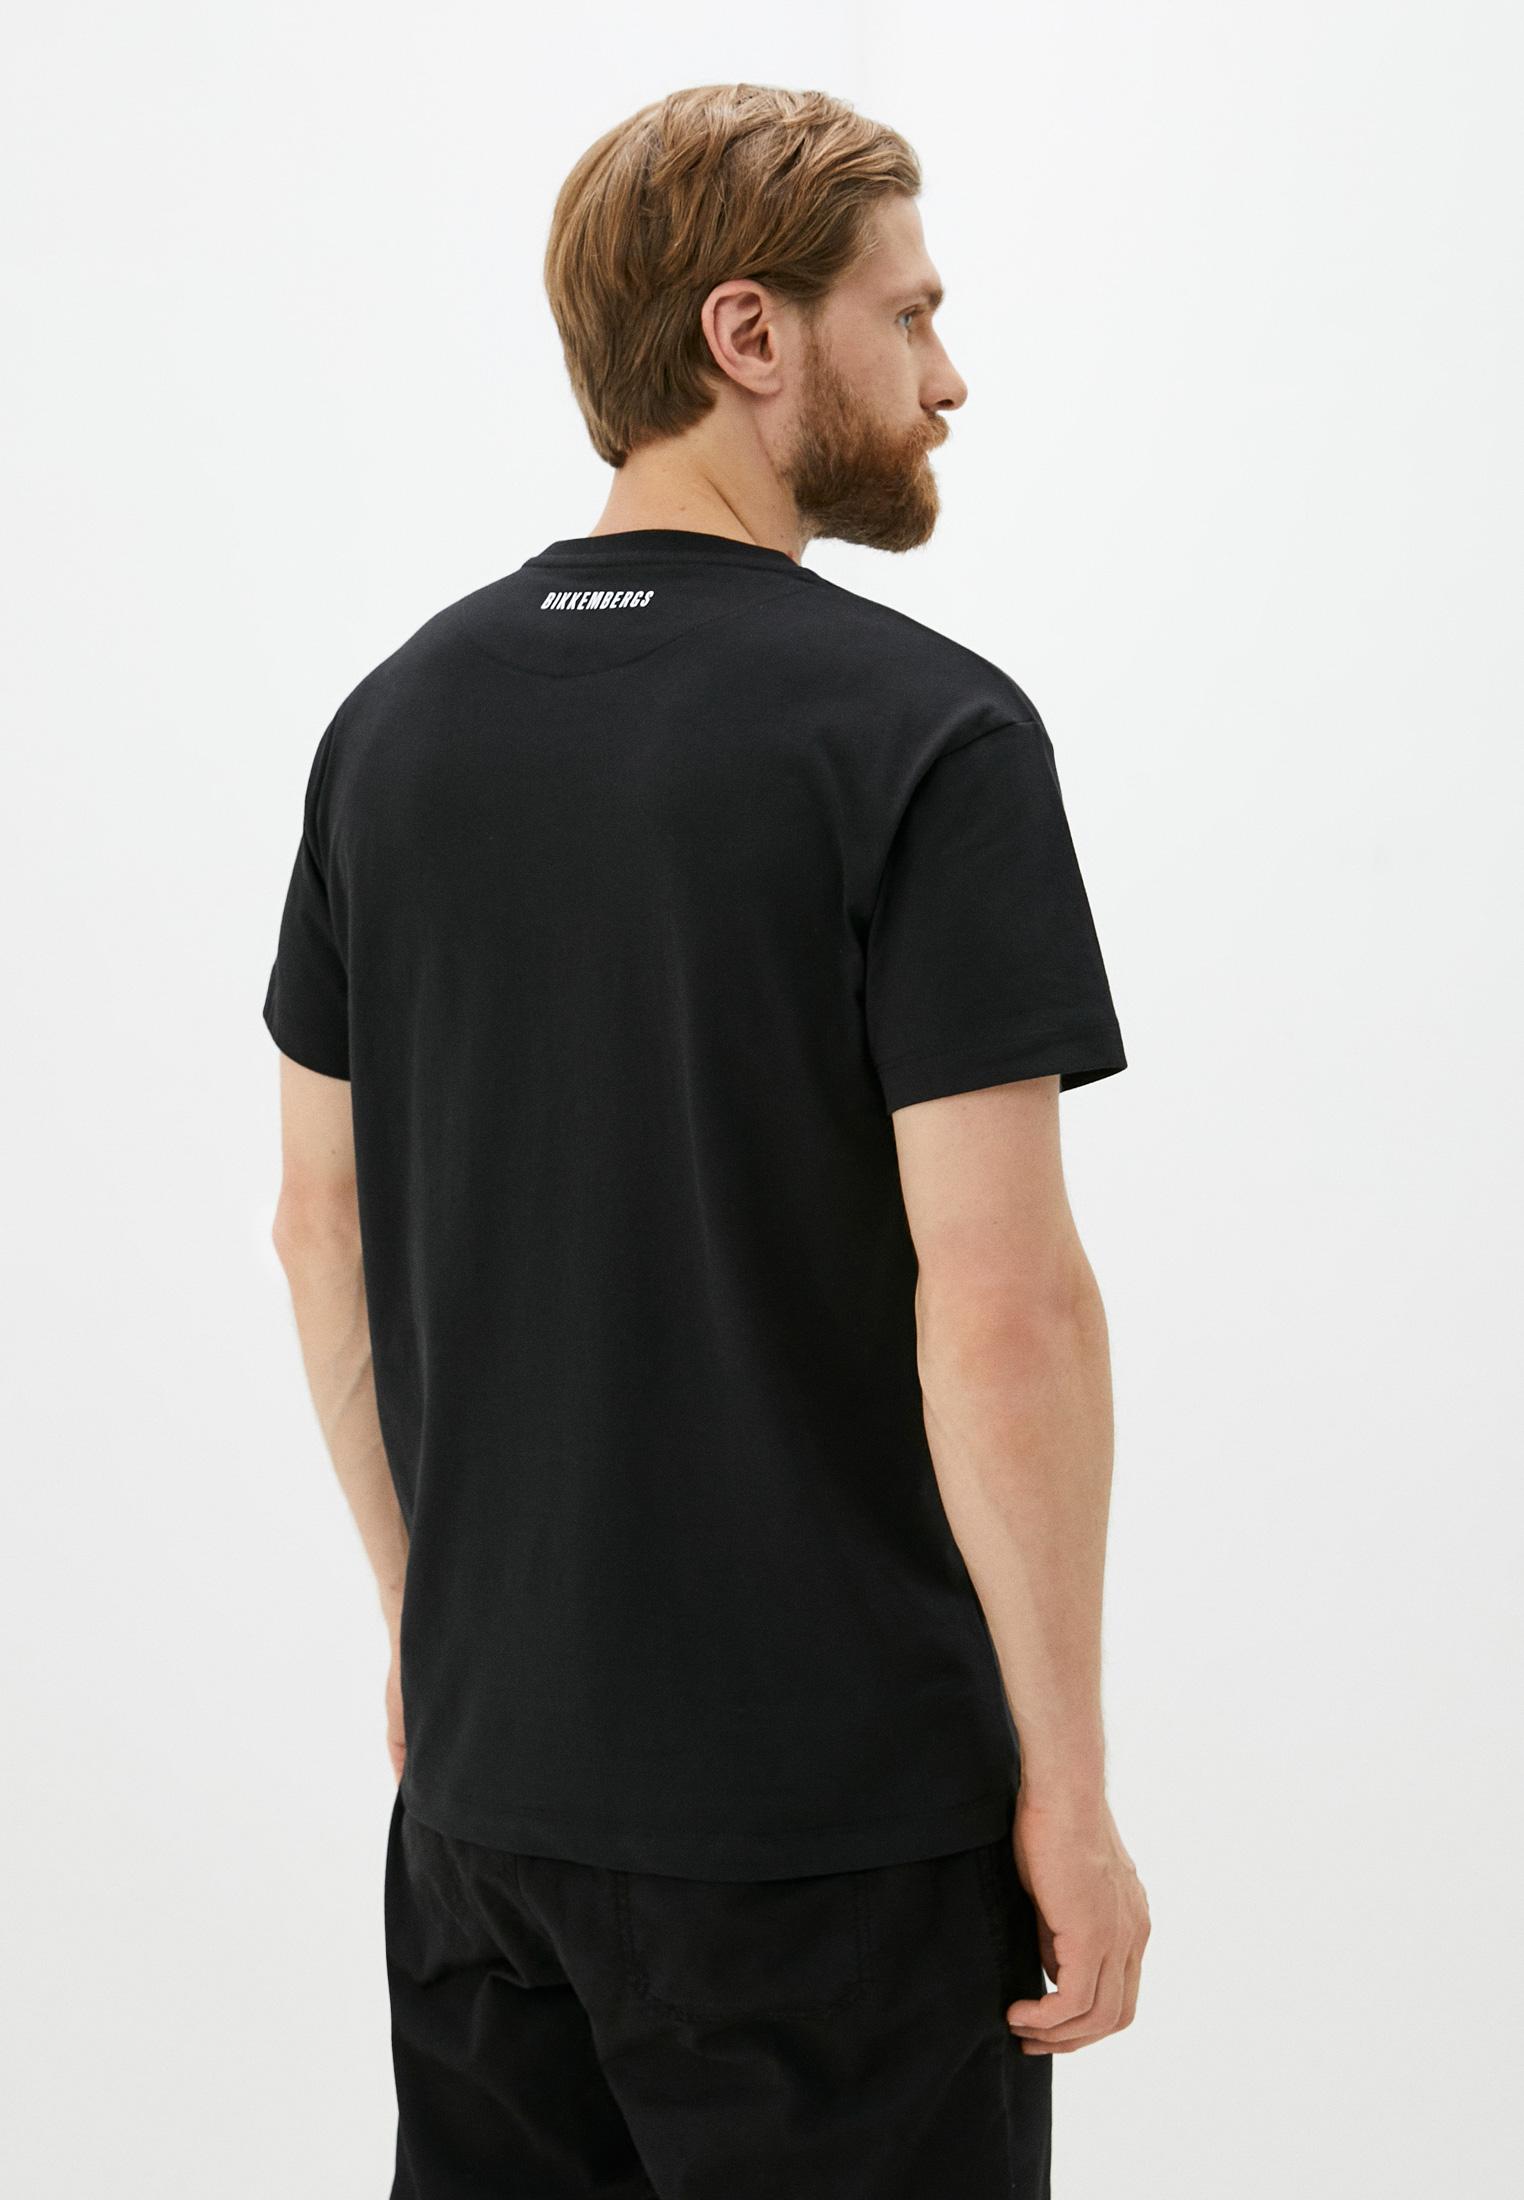 Мужская футболка Bikkembergs (Биккембергс) C 4 114 03 M 4298: изображение 4